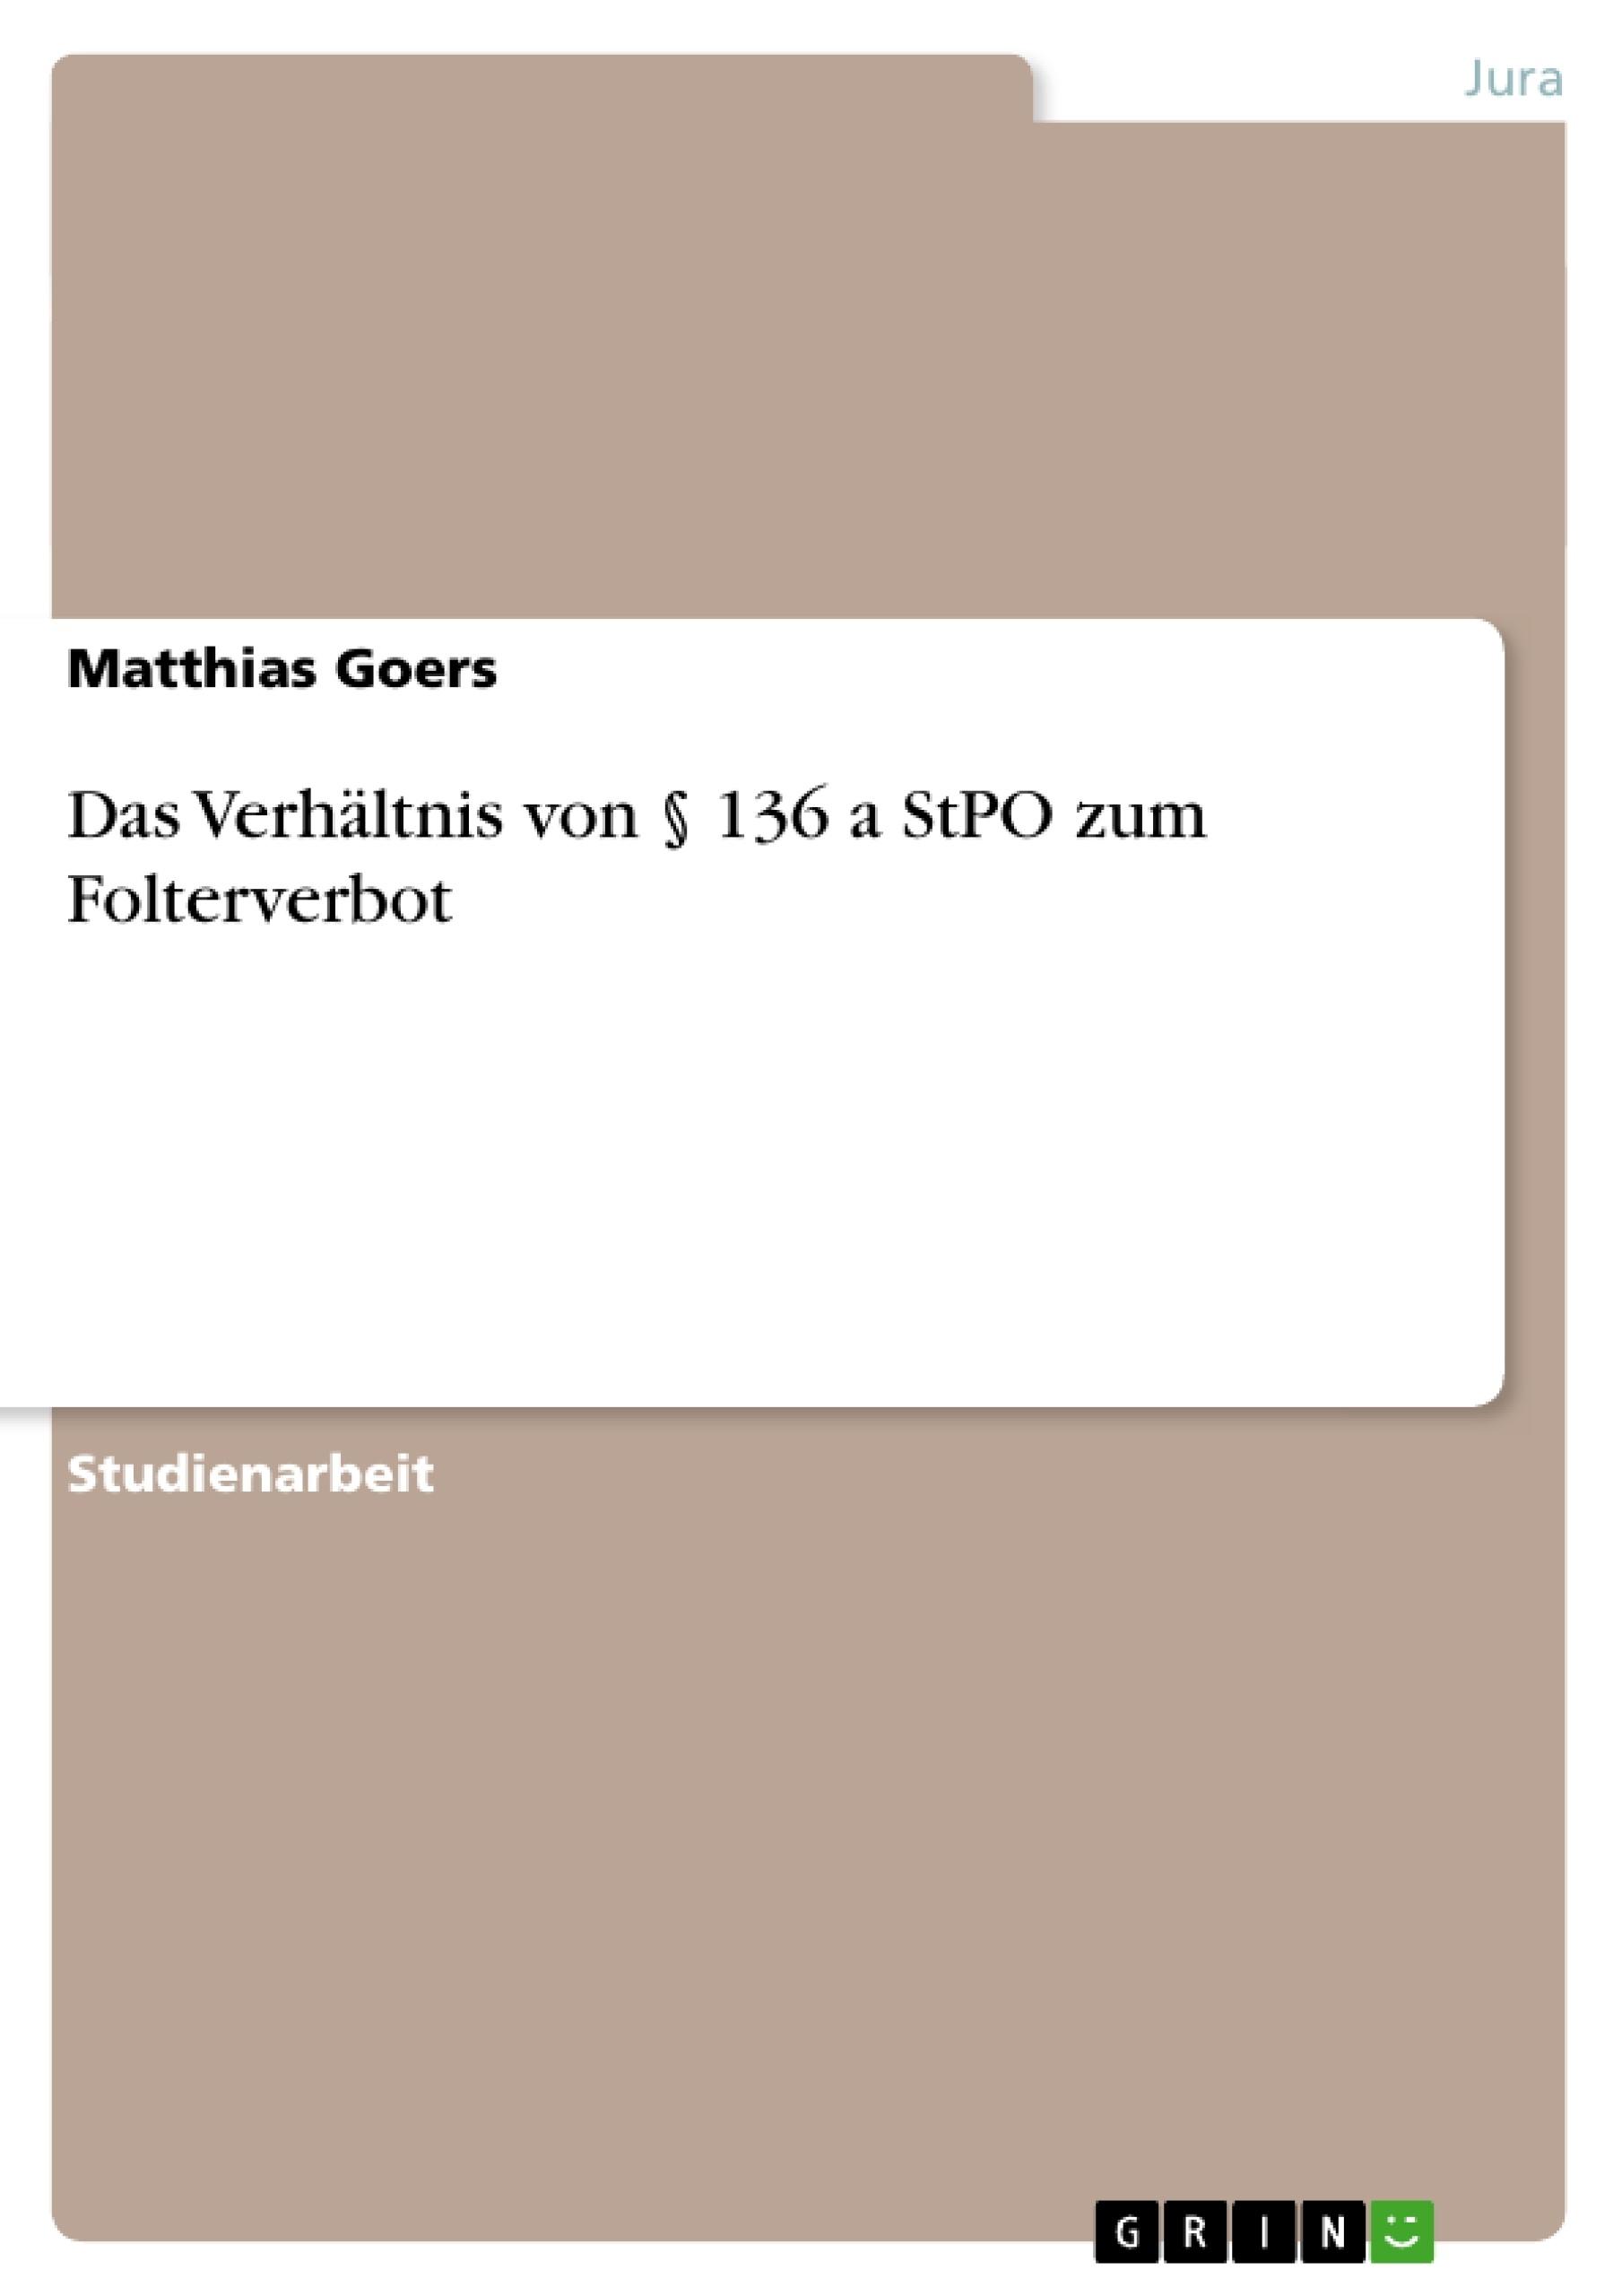 Titel: Das Verhältnis von § 136 a StPO zum Folterverbot